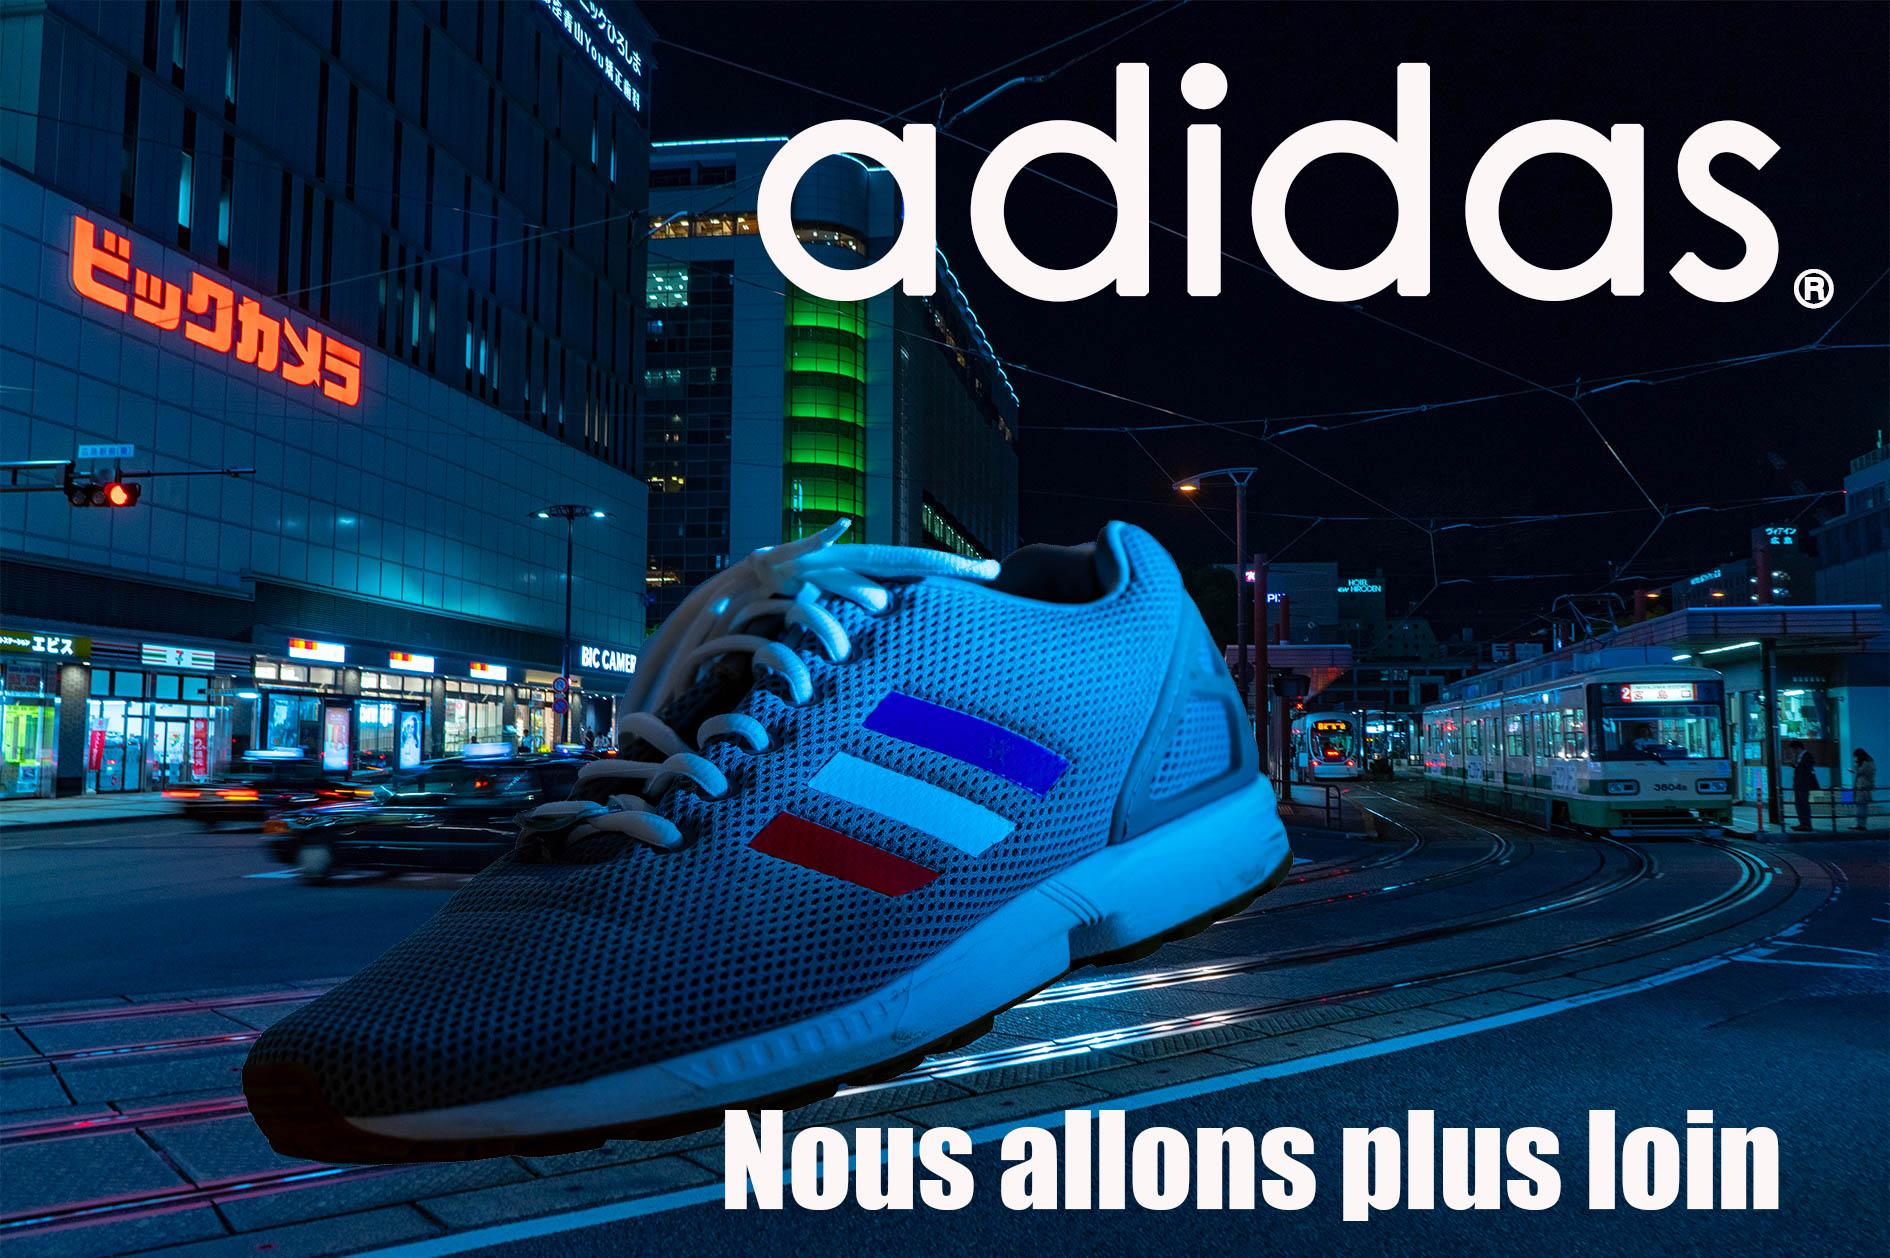 https://clubphotoroussillon.com/wp-content/uploads/2021/02/Marc Lagace-pub-Adidas-.jpg